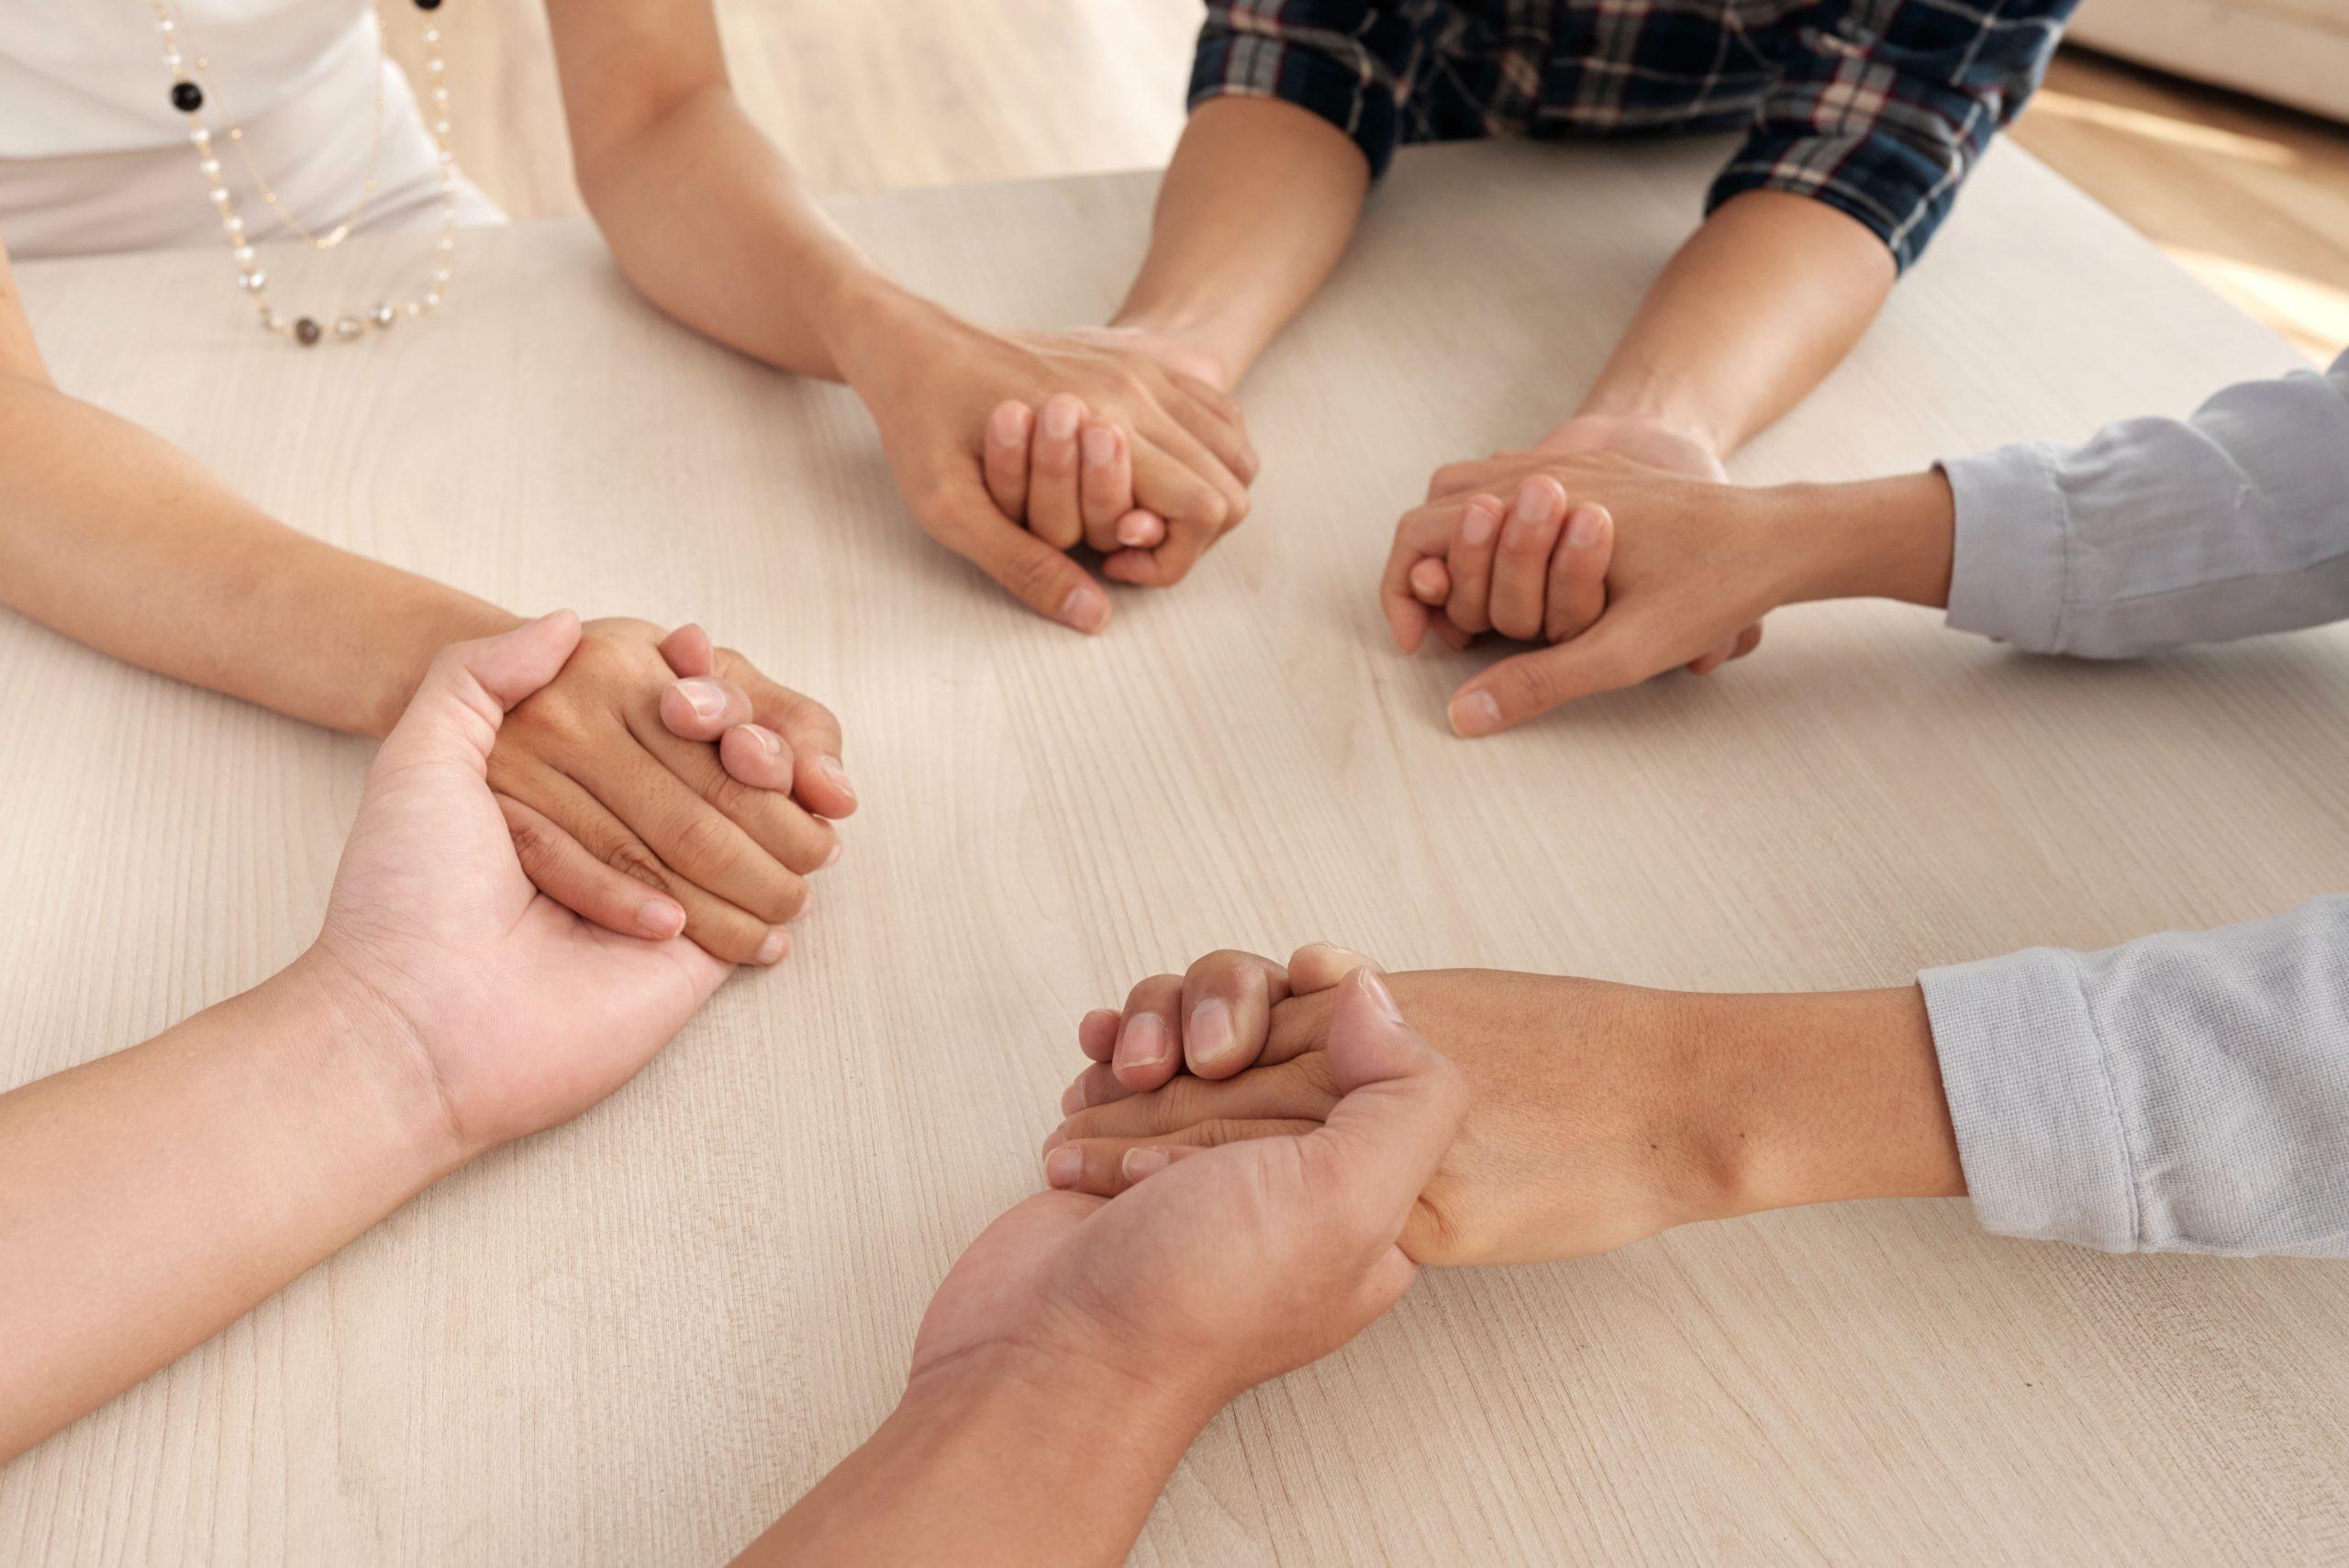 psicólogos especializados en sanidad en valencia